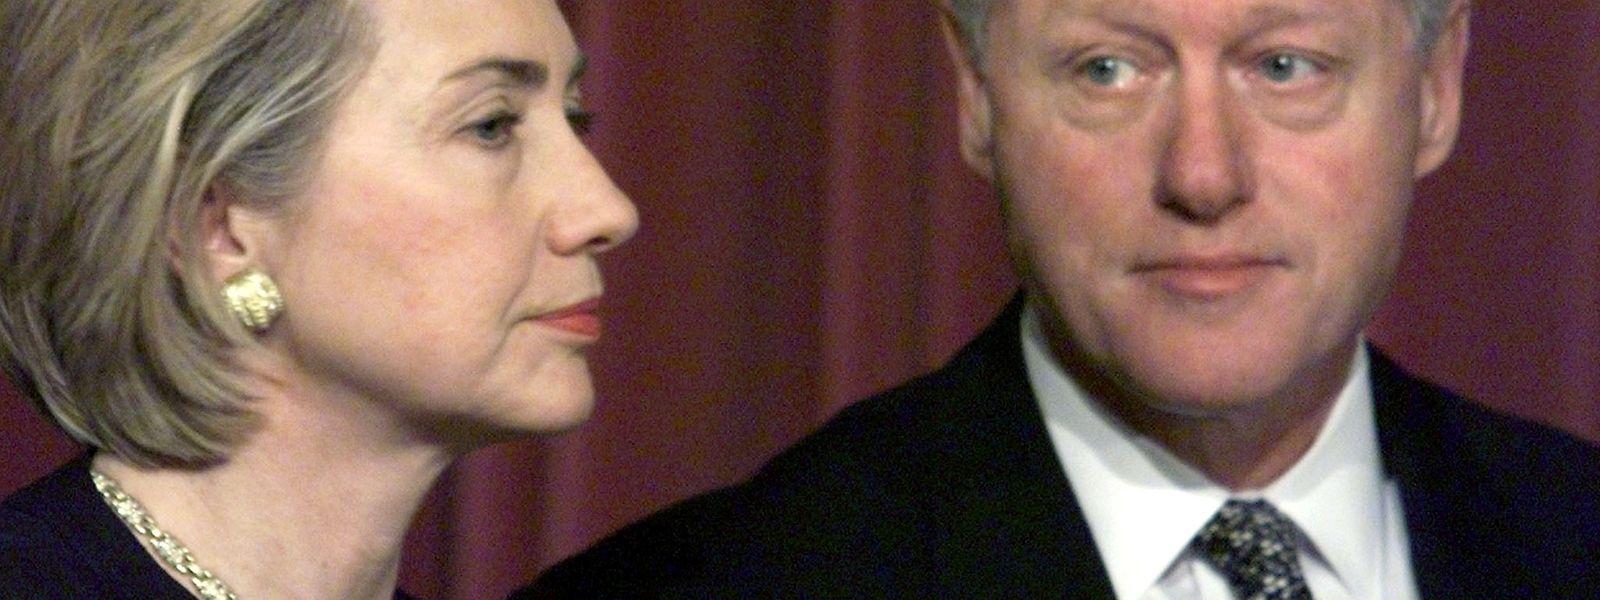 Hillary Clinton hat ihren Ehemann zum Joggen bewegt.